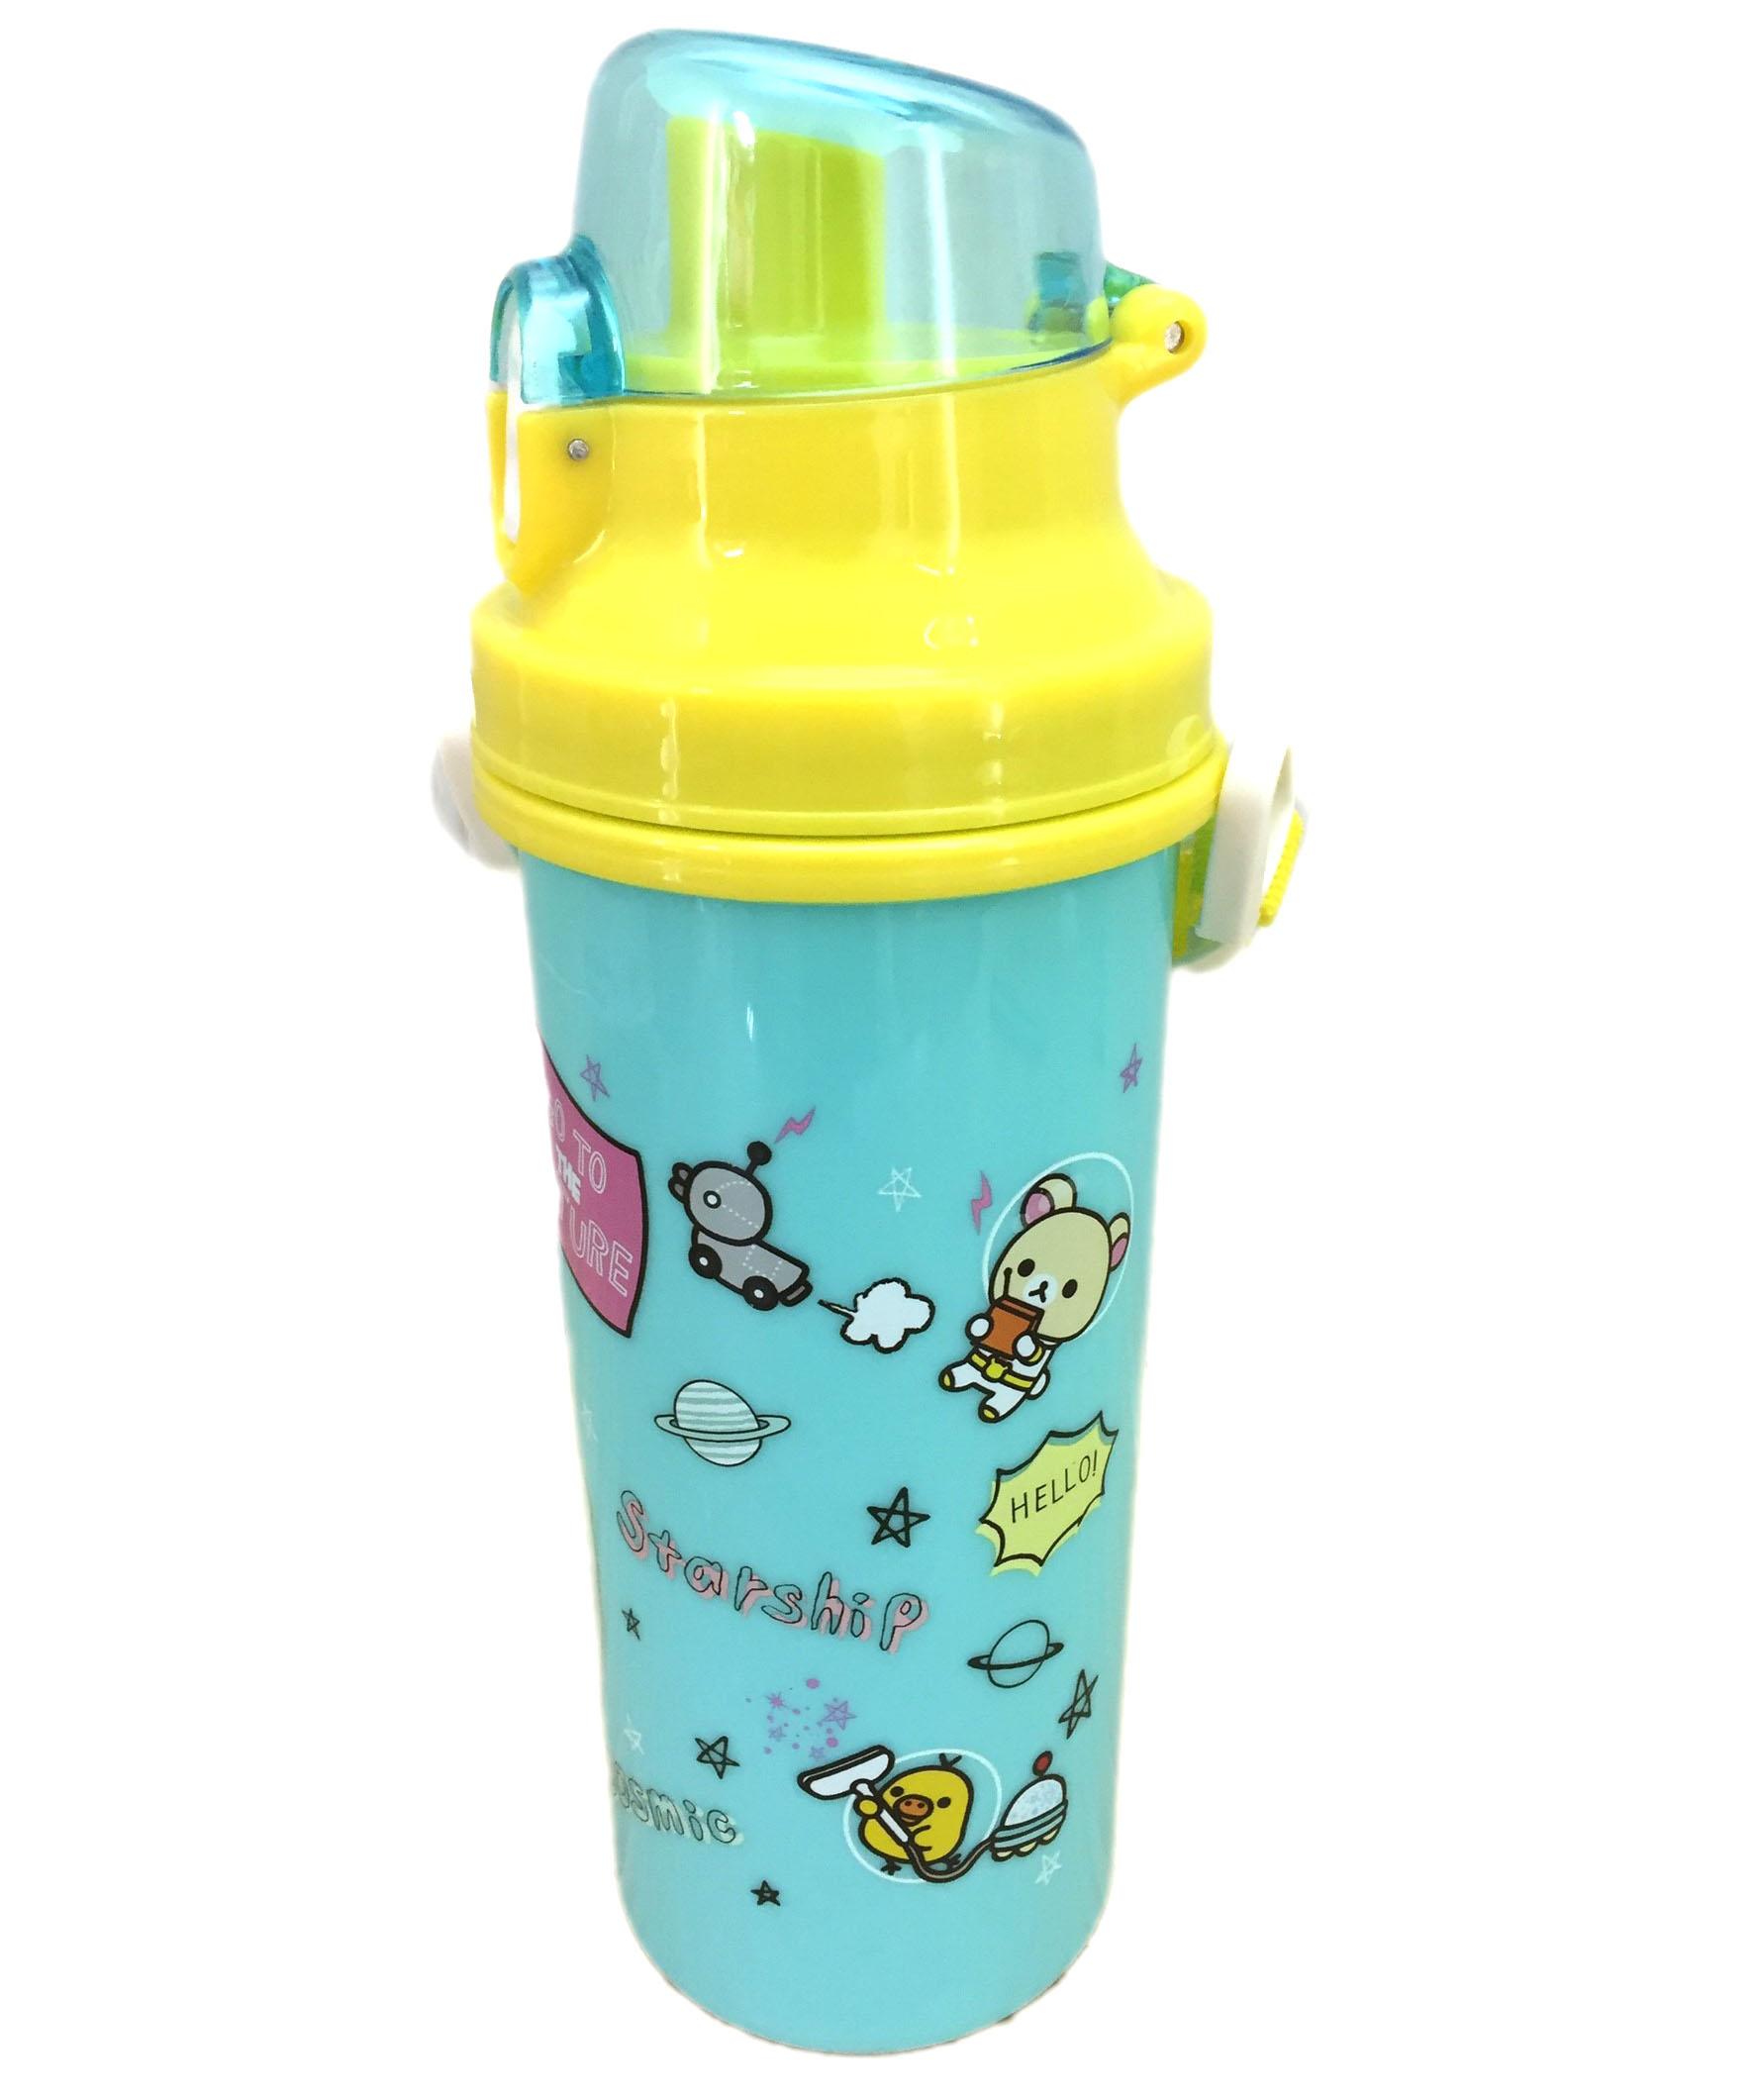 【真愛日本】16072700018拉拉熊680CC直飲水壺-太空綠   SAN-X 懶熊 奶熊 拉拉熊  水壺 水瓶 生活用品 卡通水壺